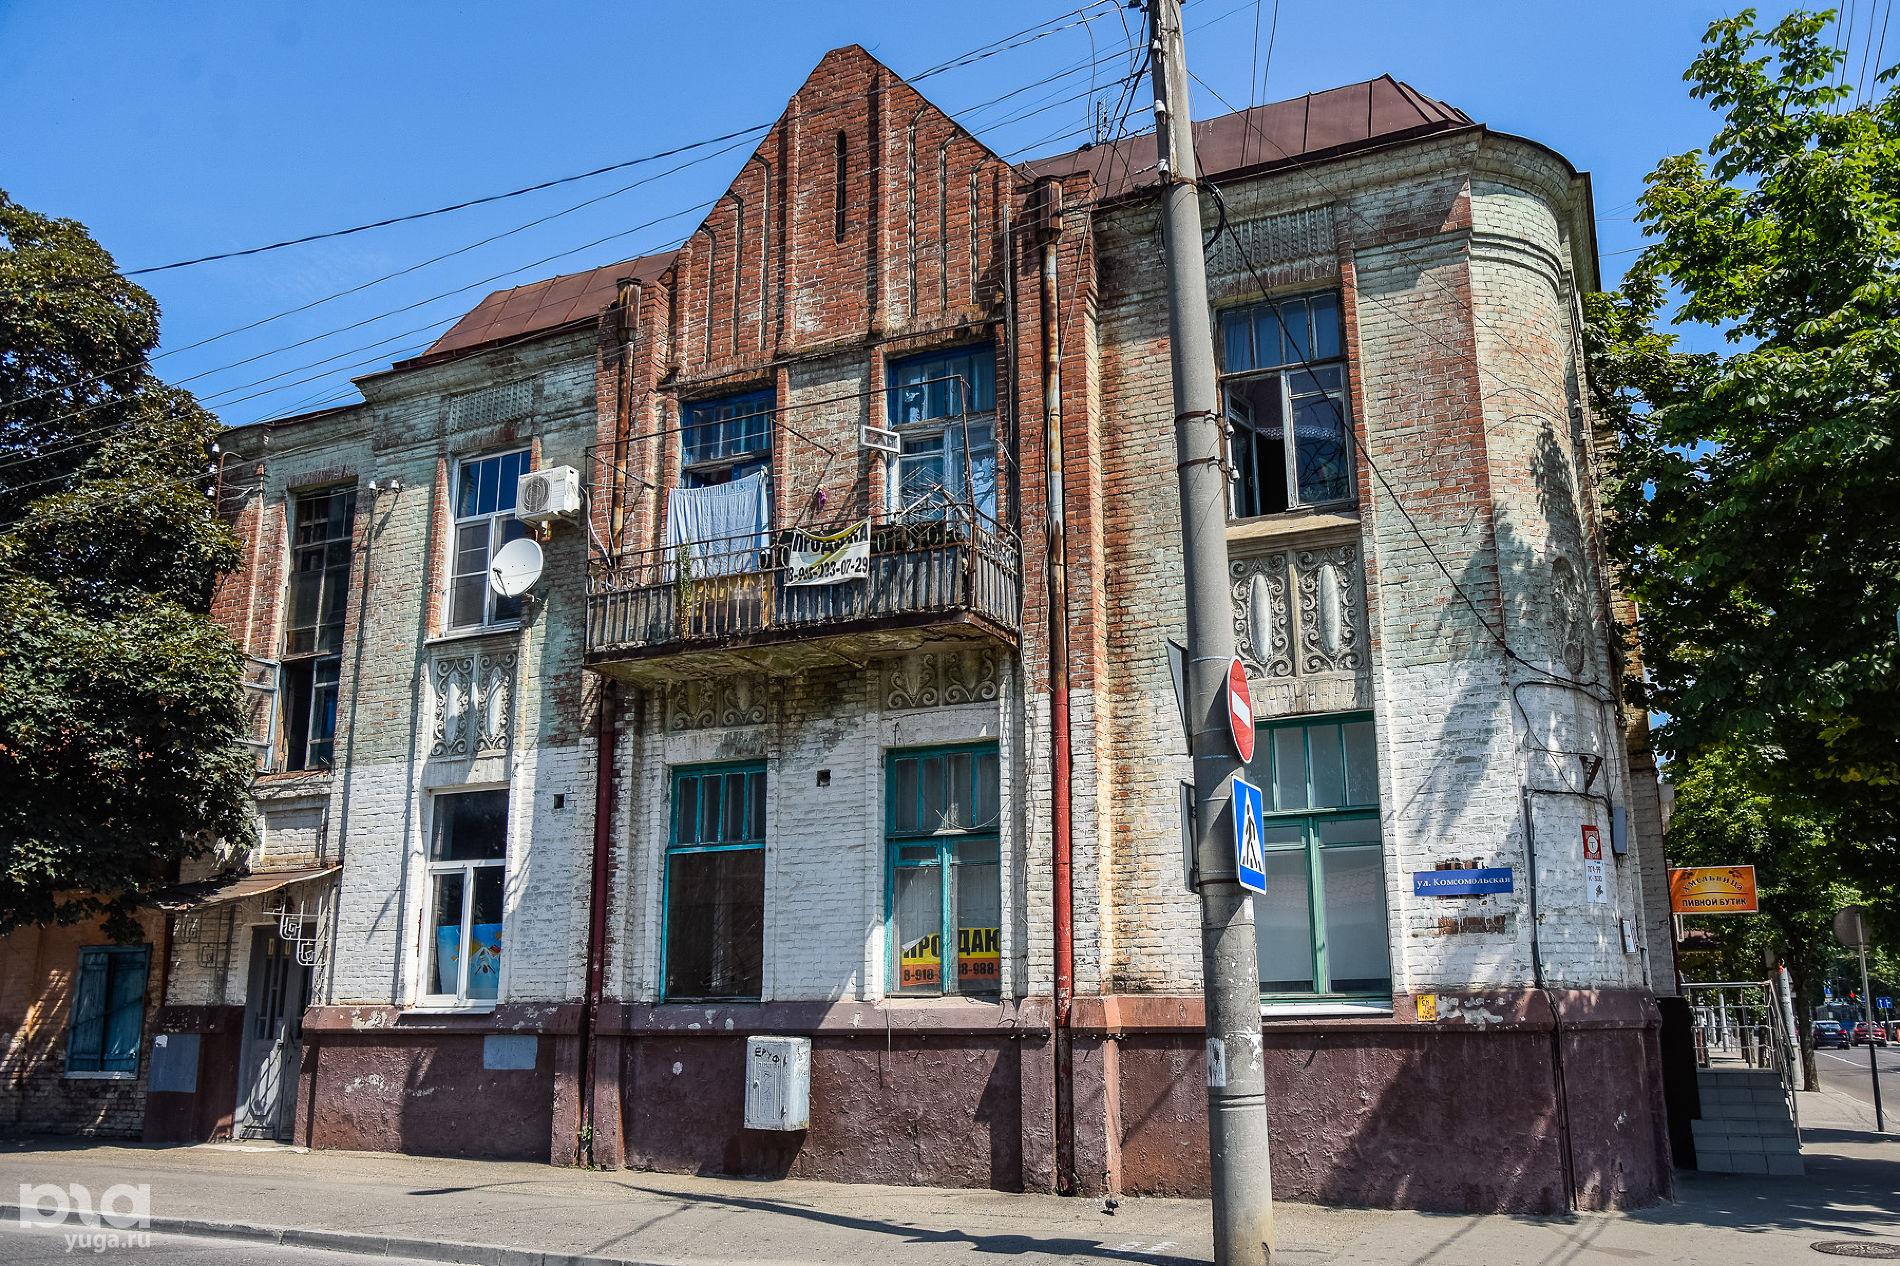 Дом доходный Е.Н. Козловой («Дом с розой»), 1912 г., архитектор А.А. Козлов ©Фото Елены Синеок, Юга.ру